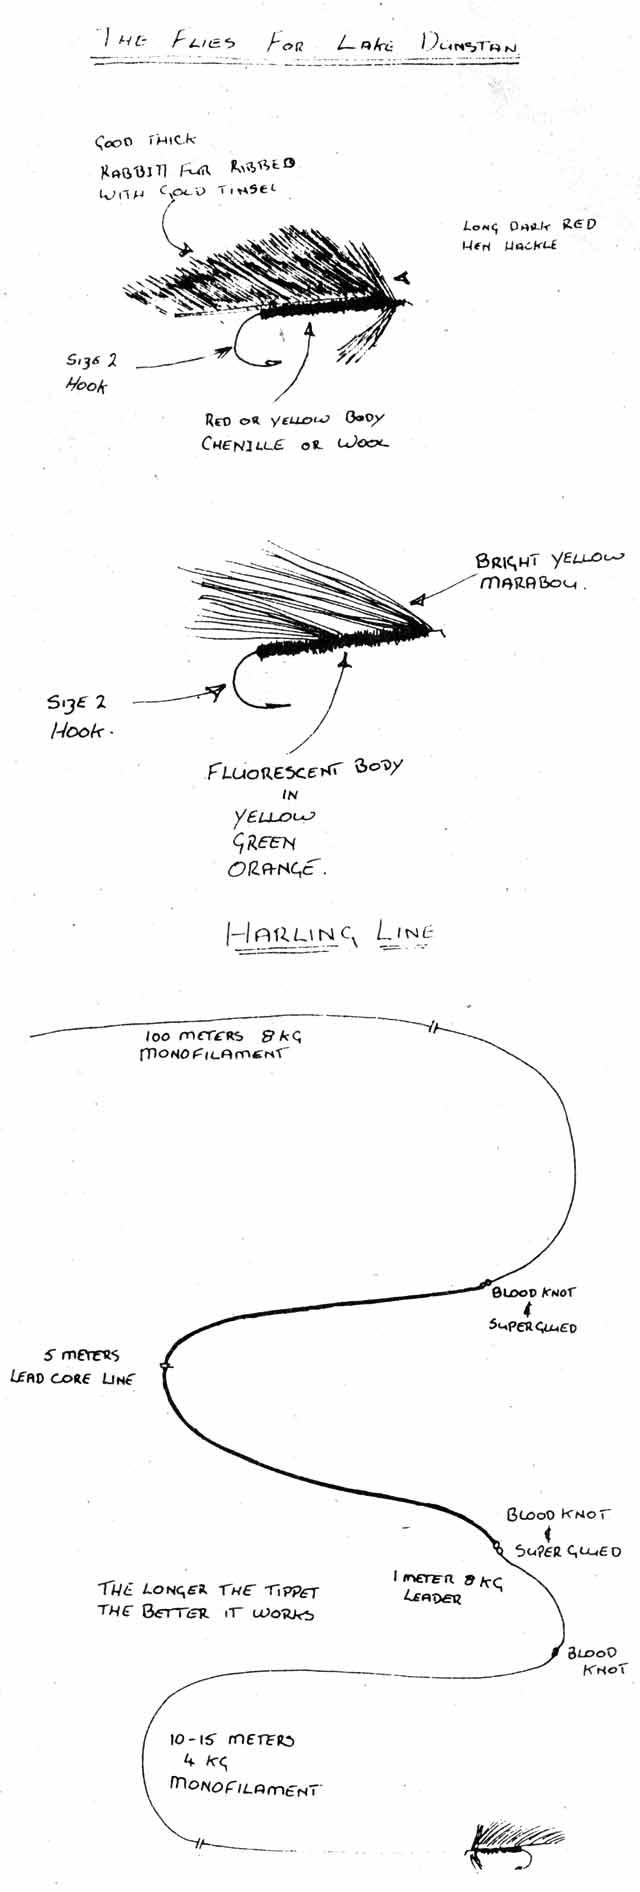 Harling Lake Dunstan line setup.